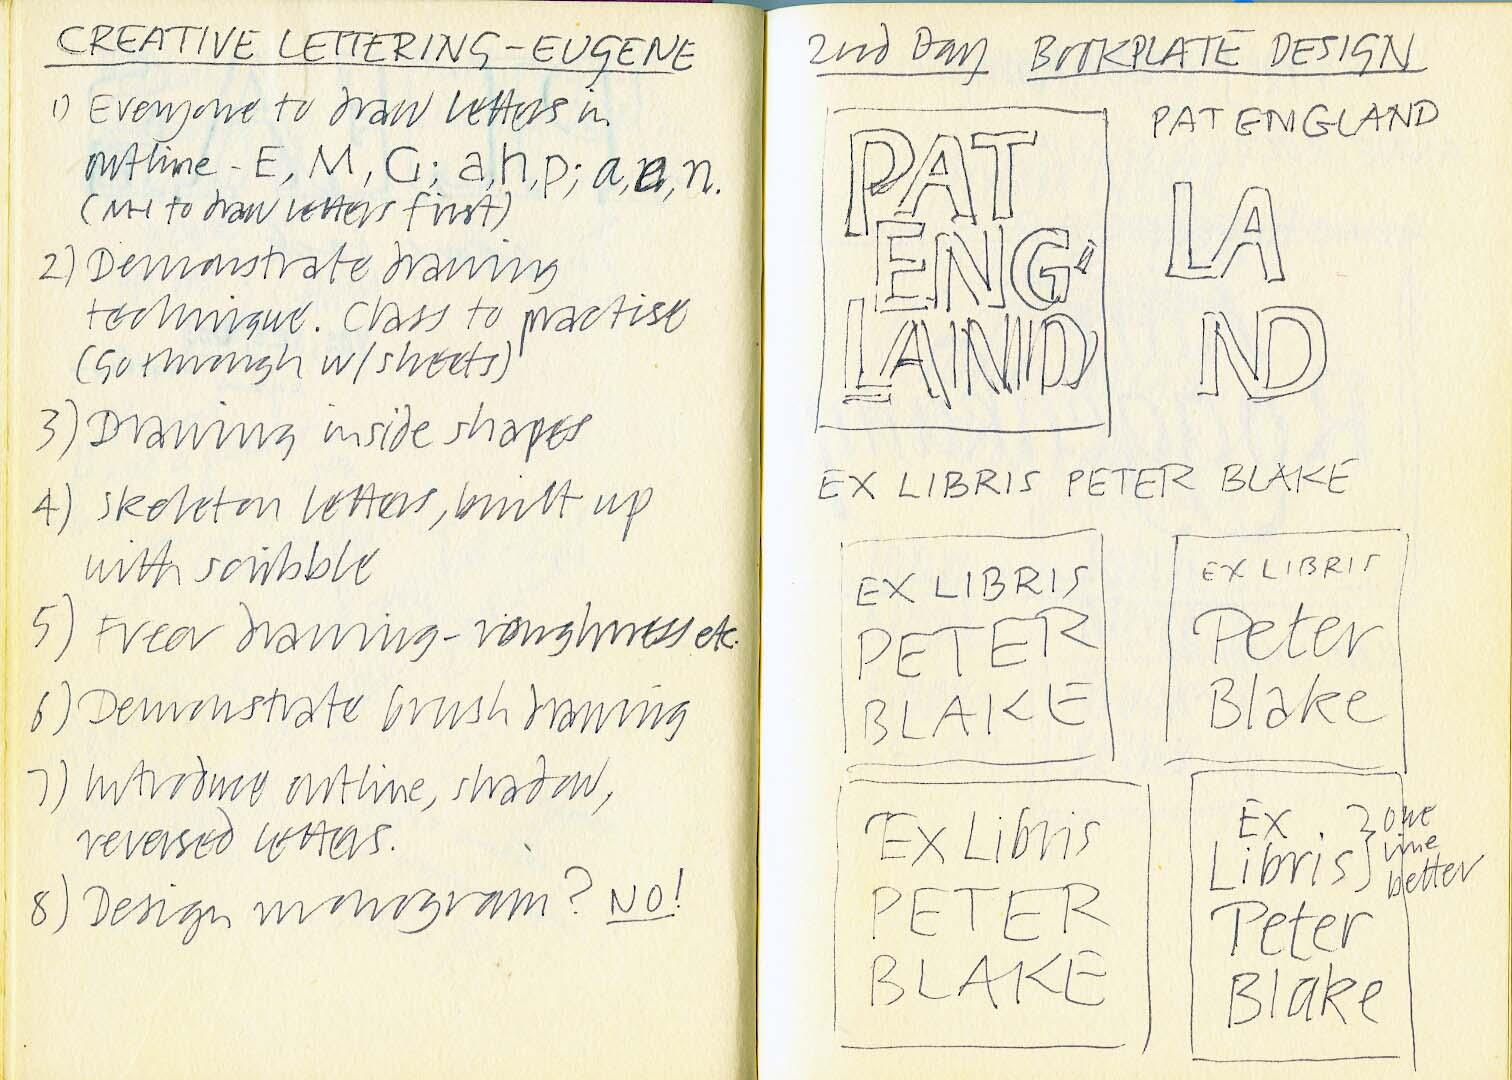 Eugene – Creative Lettering Workshop#15